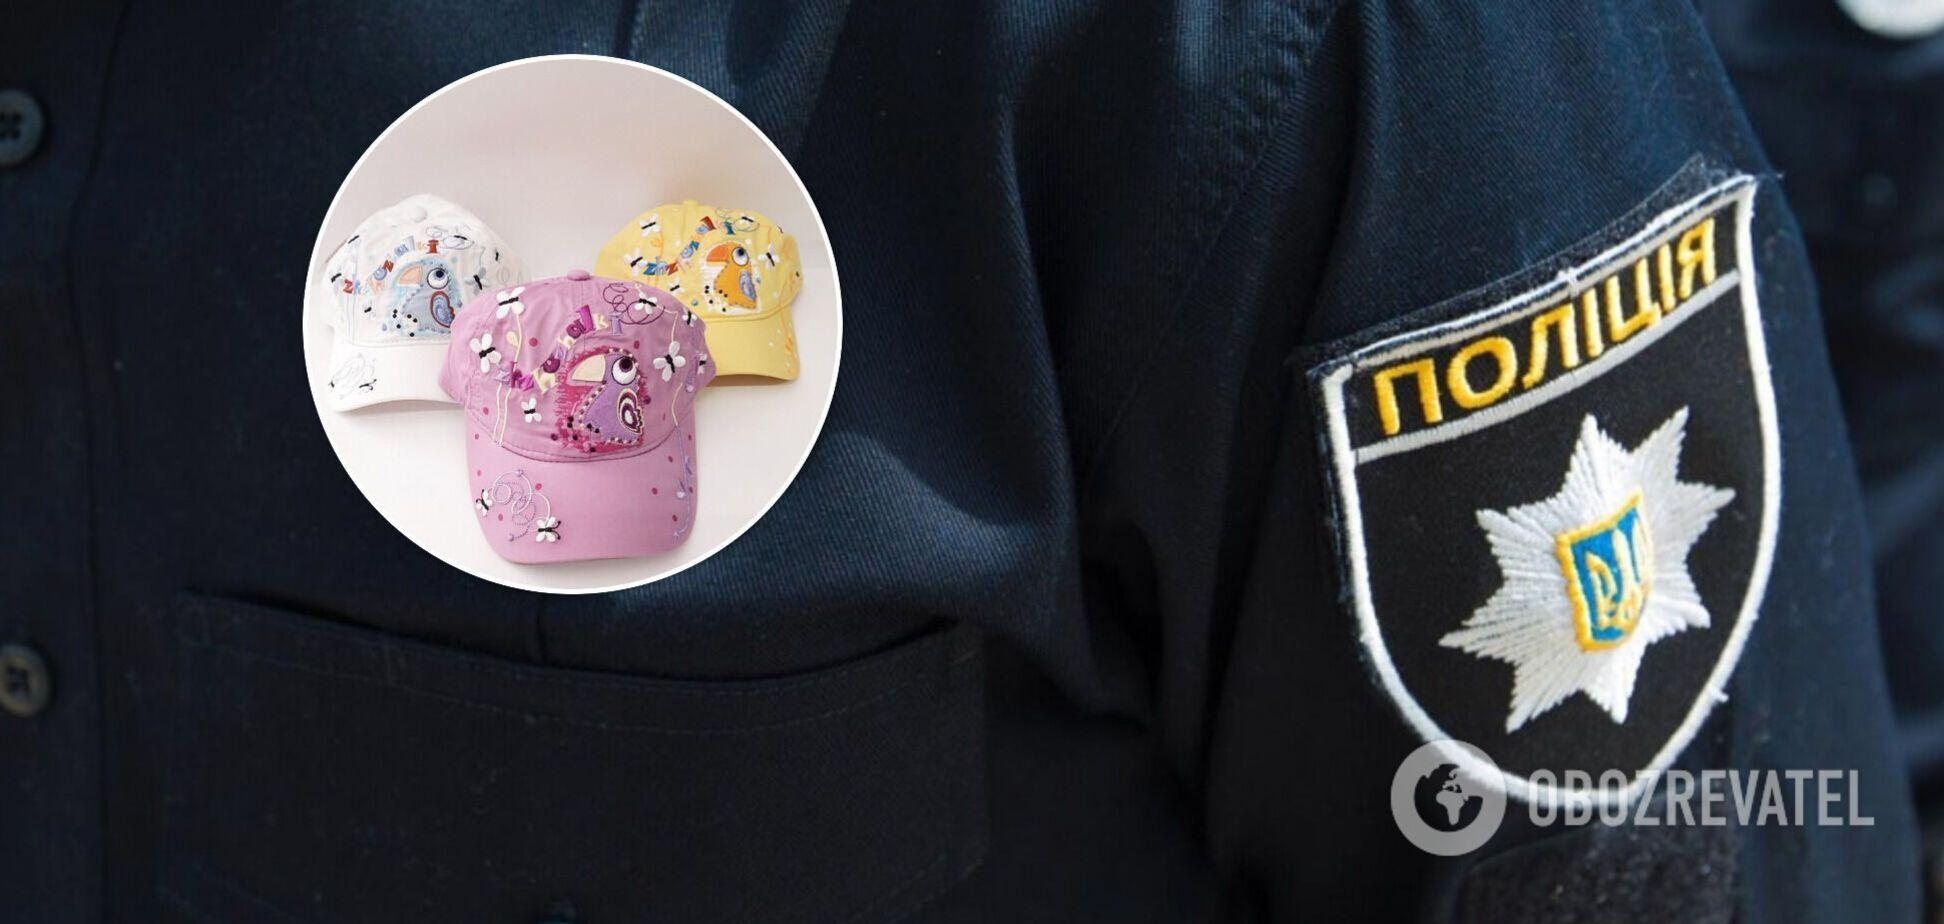 Под Днепром полицейский устроил 'разборки' с продавщицей из-за детской кепки за 300 грн. Видео